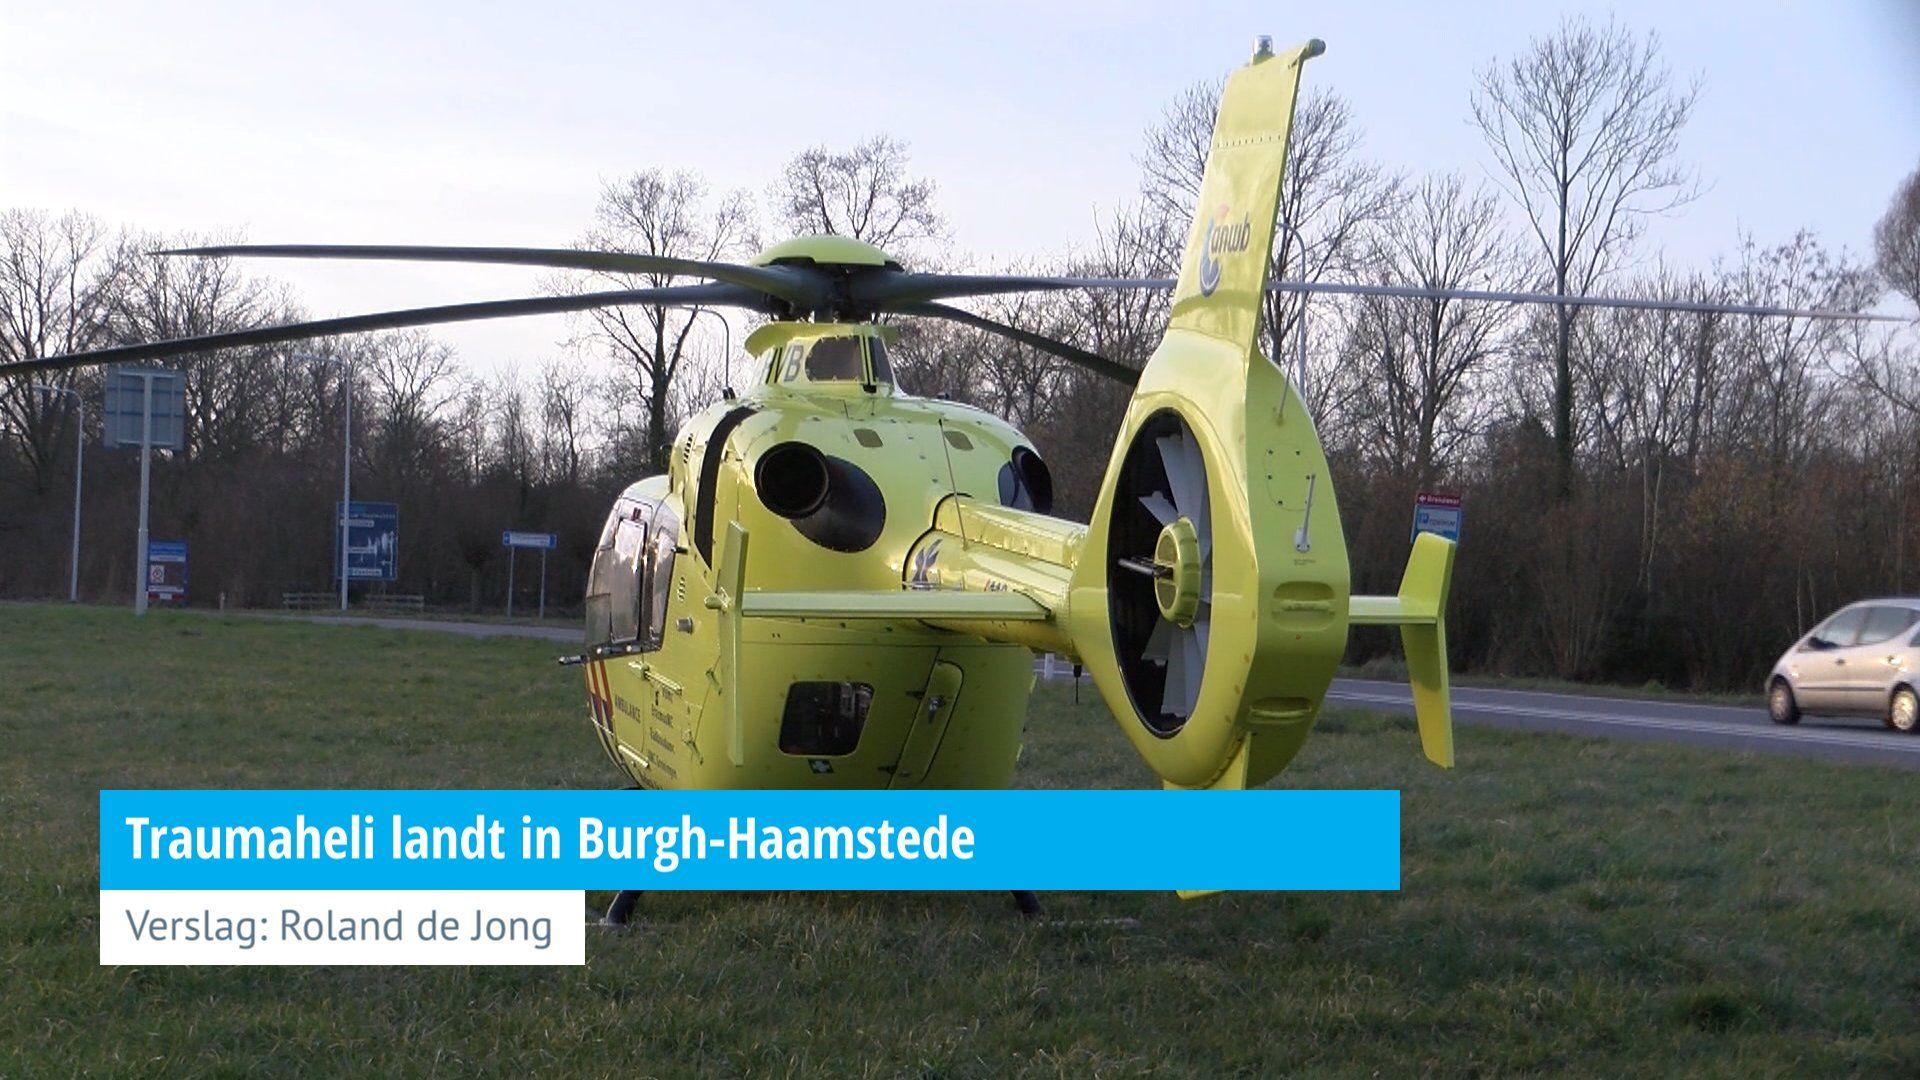 226c3b26175 Traumaheli landt in Burgh-Haamstede - HVZeeland - Nieuws en achtergronden  rond veiligheid en hulpverlening in de provincie Zeeland